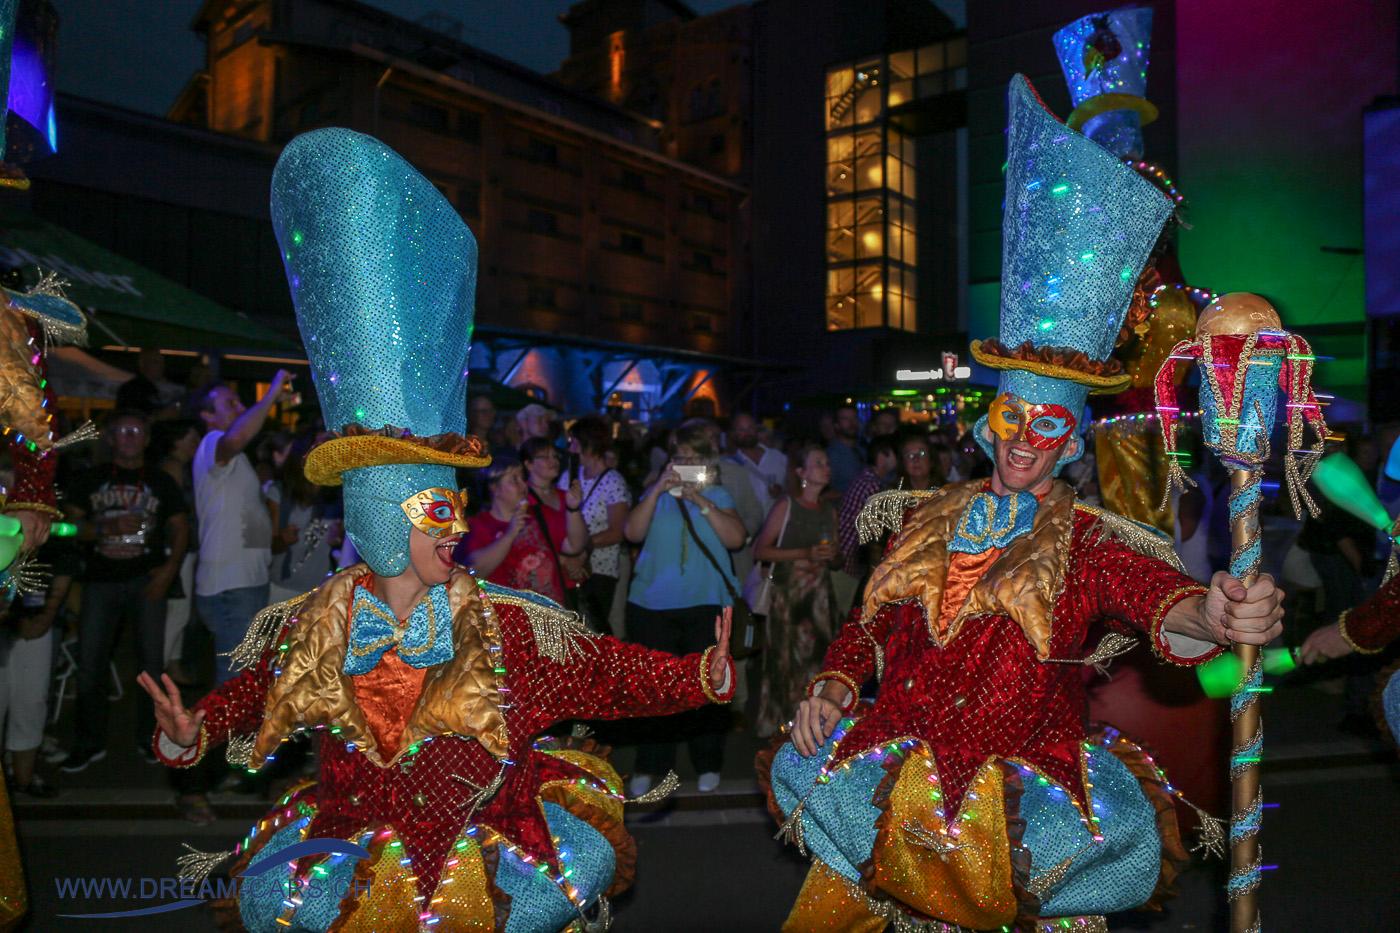 Einbecker Oldtimertage im PS.SPEICHER, 20. - 22. Juli 2018. Bunte Kostüme und tausende von Lichtern verzauberten das Areal des PS.SPEICHER